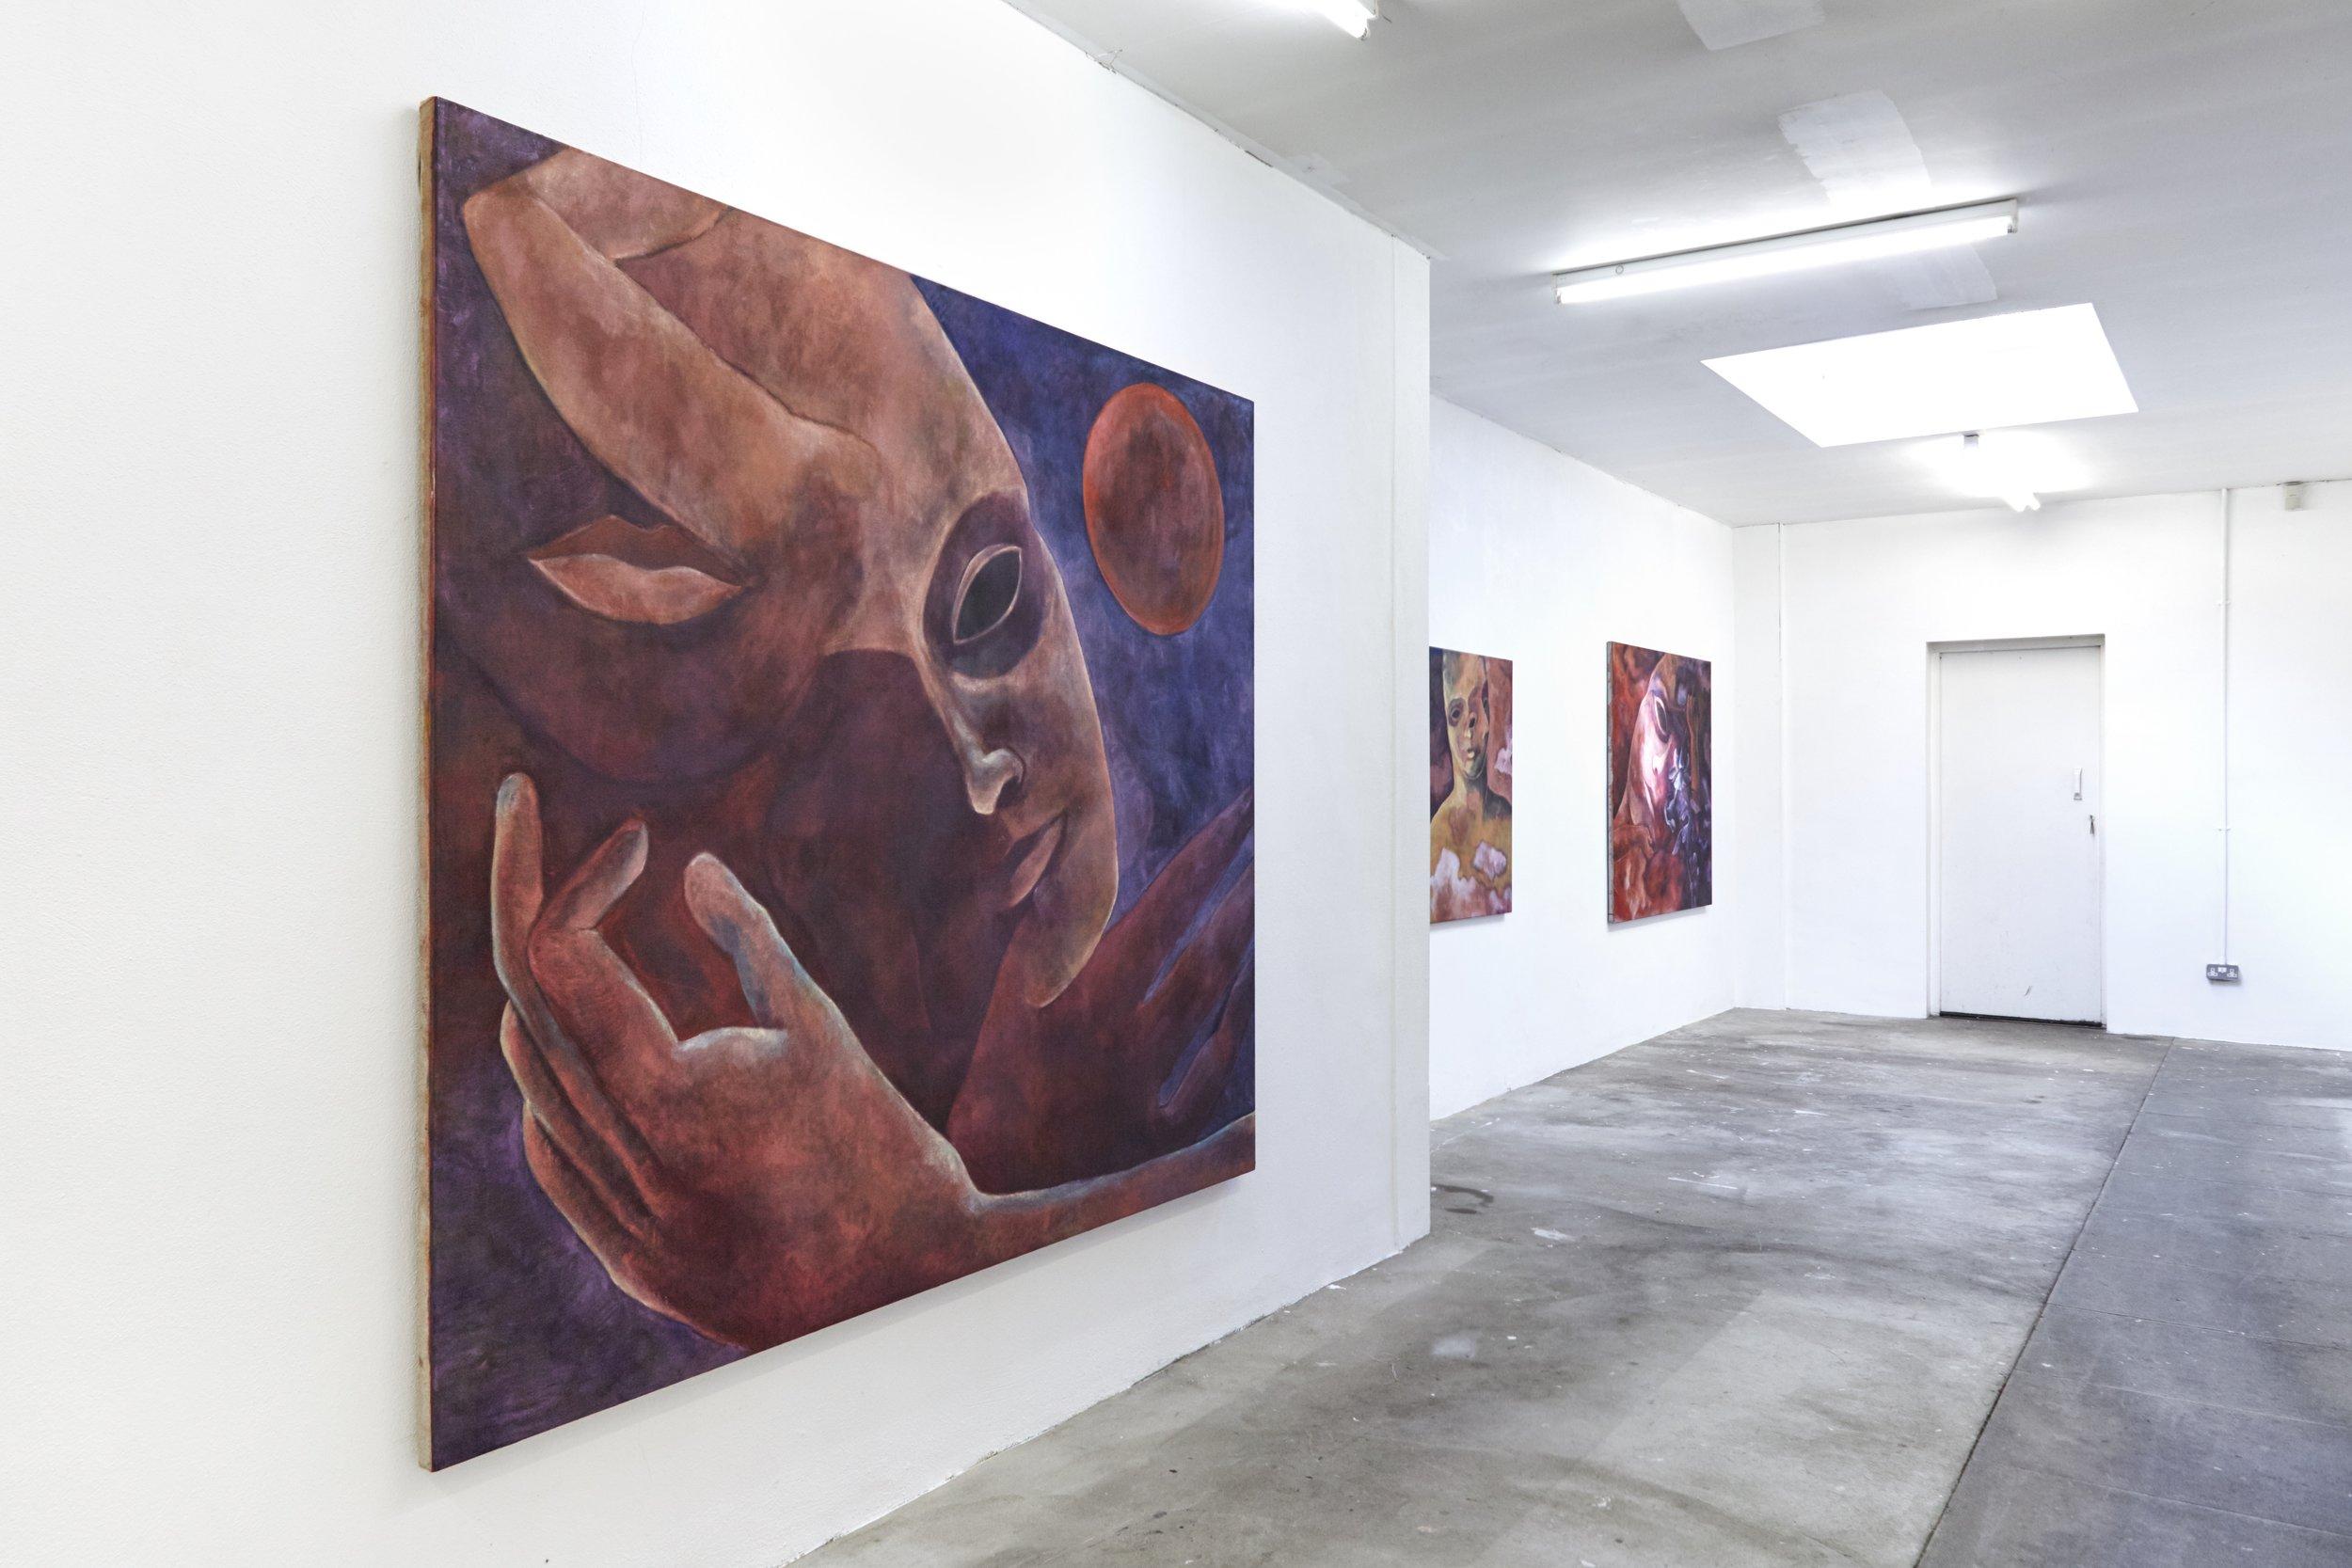 Installation View, Aurora Borealis #10, 2019, 180 x 210 cm